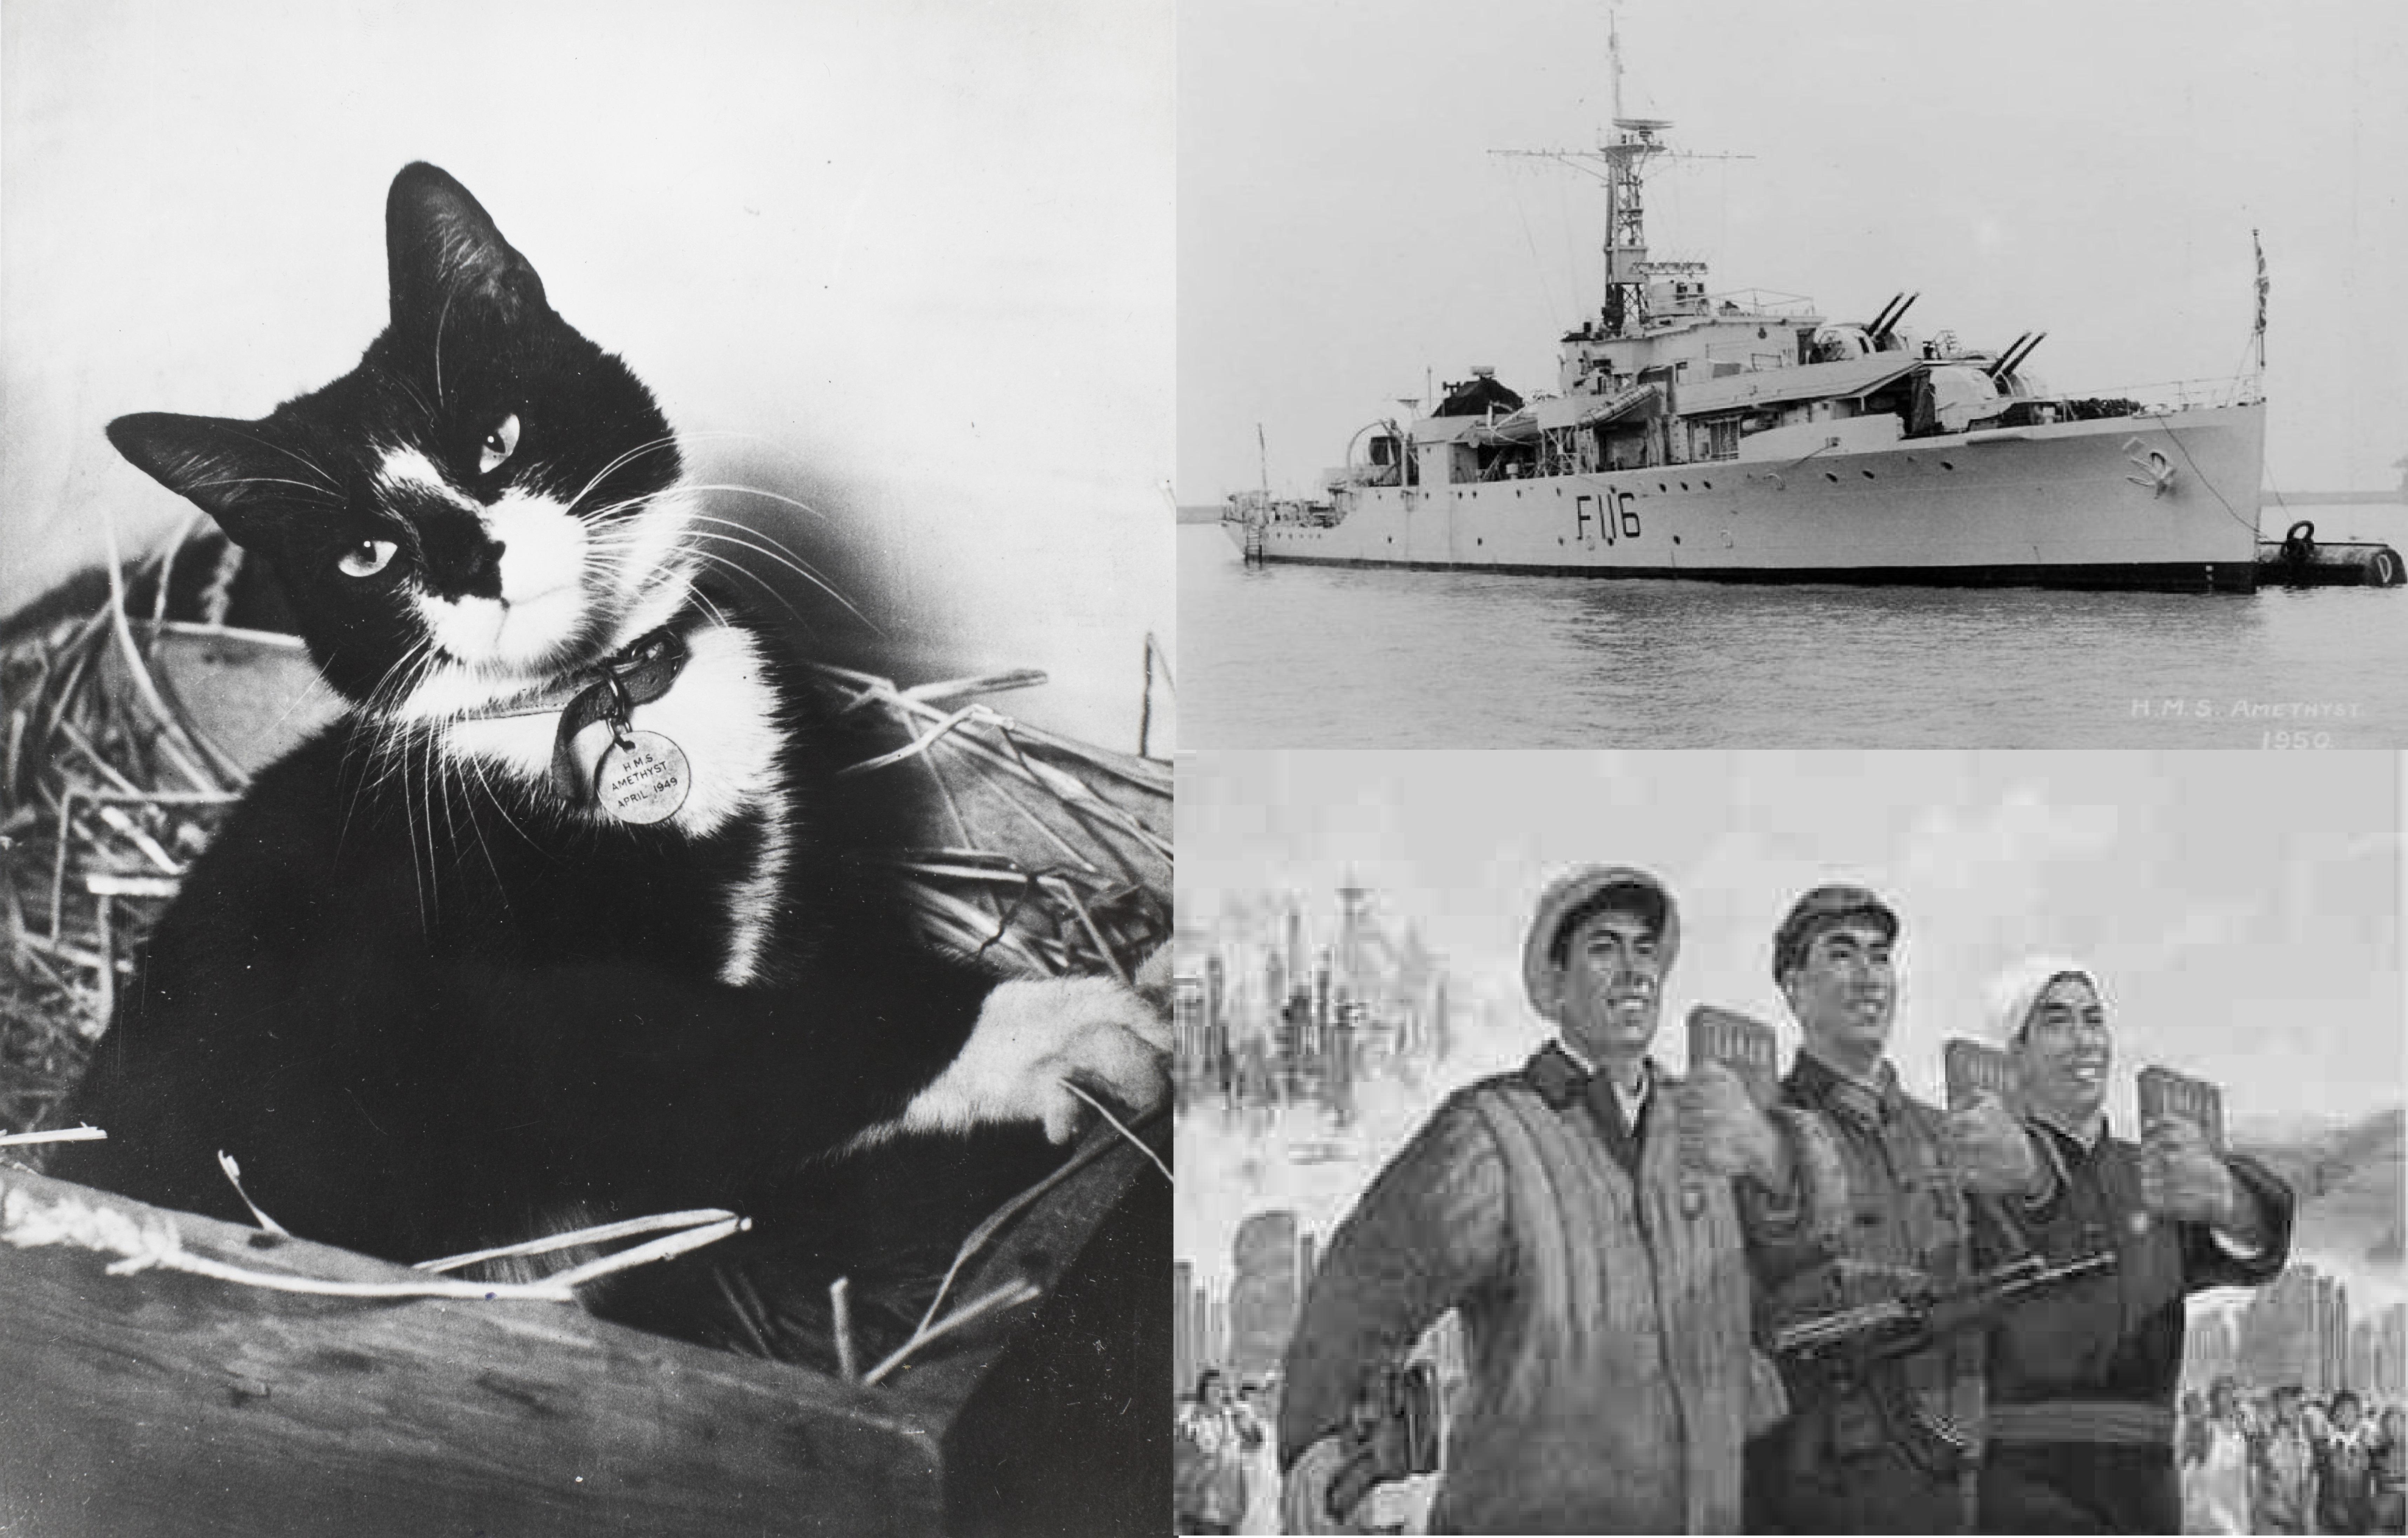 El gato, el barco y los comunistas